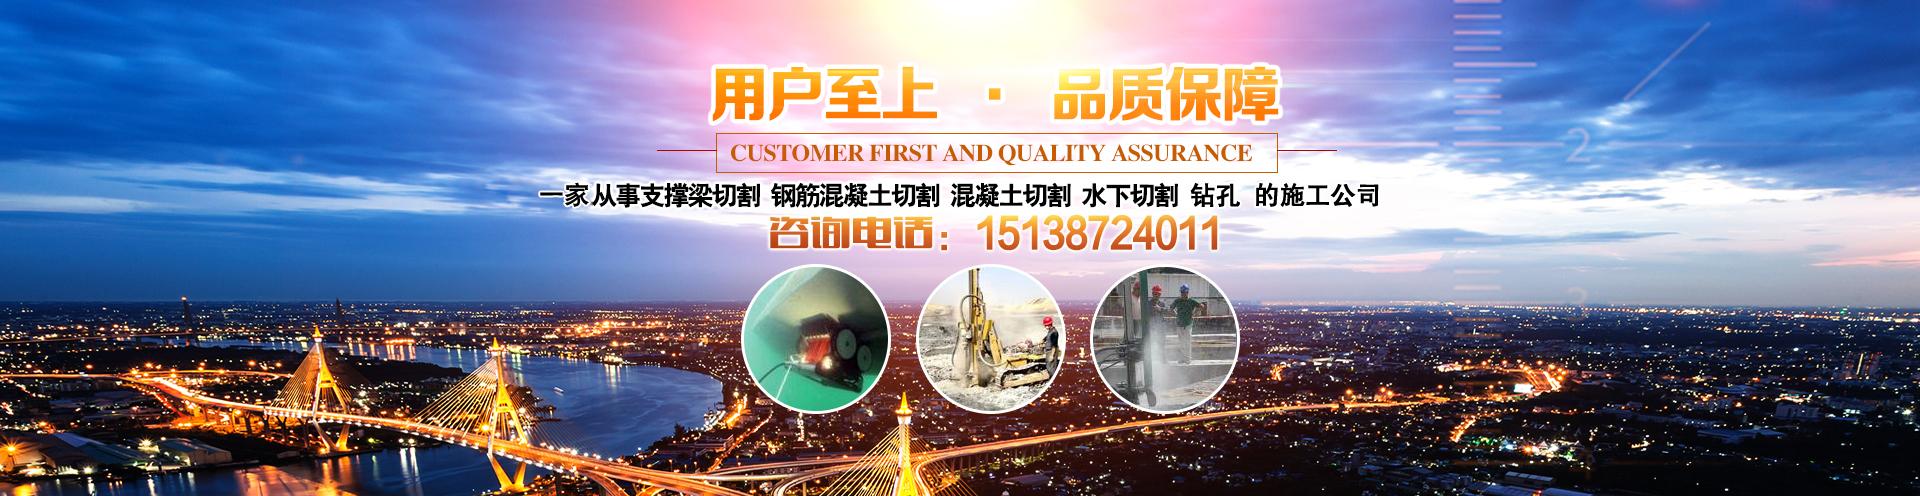 洛陽昊(hao)利建築(zhu)工程(cheng)有限公司